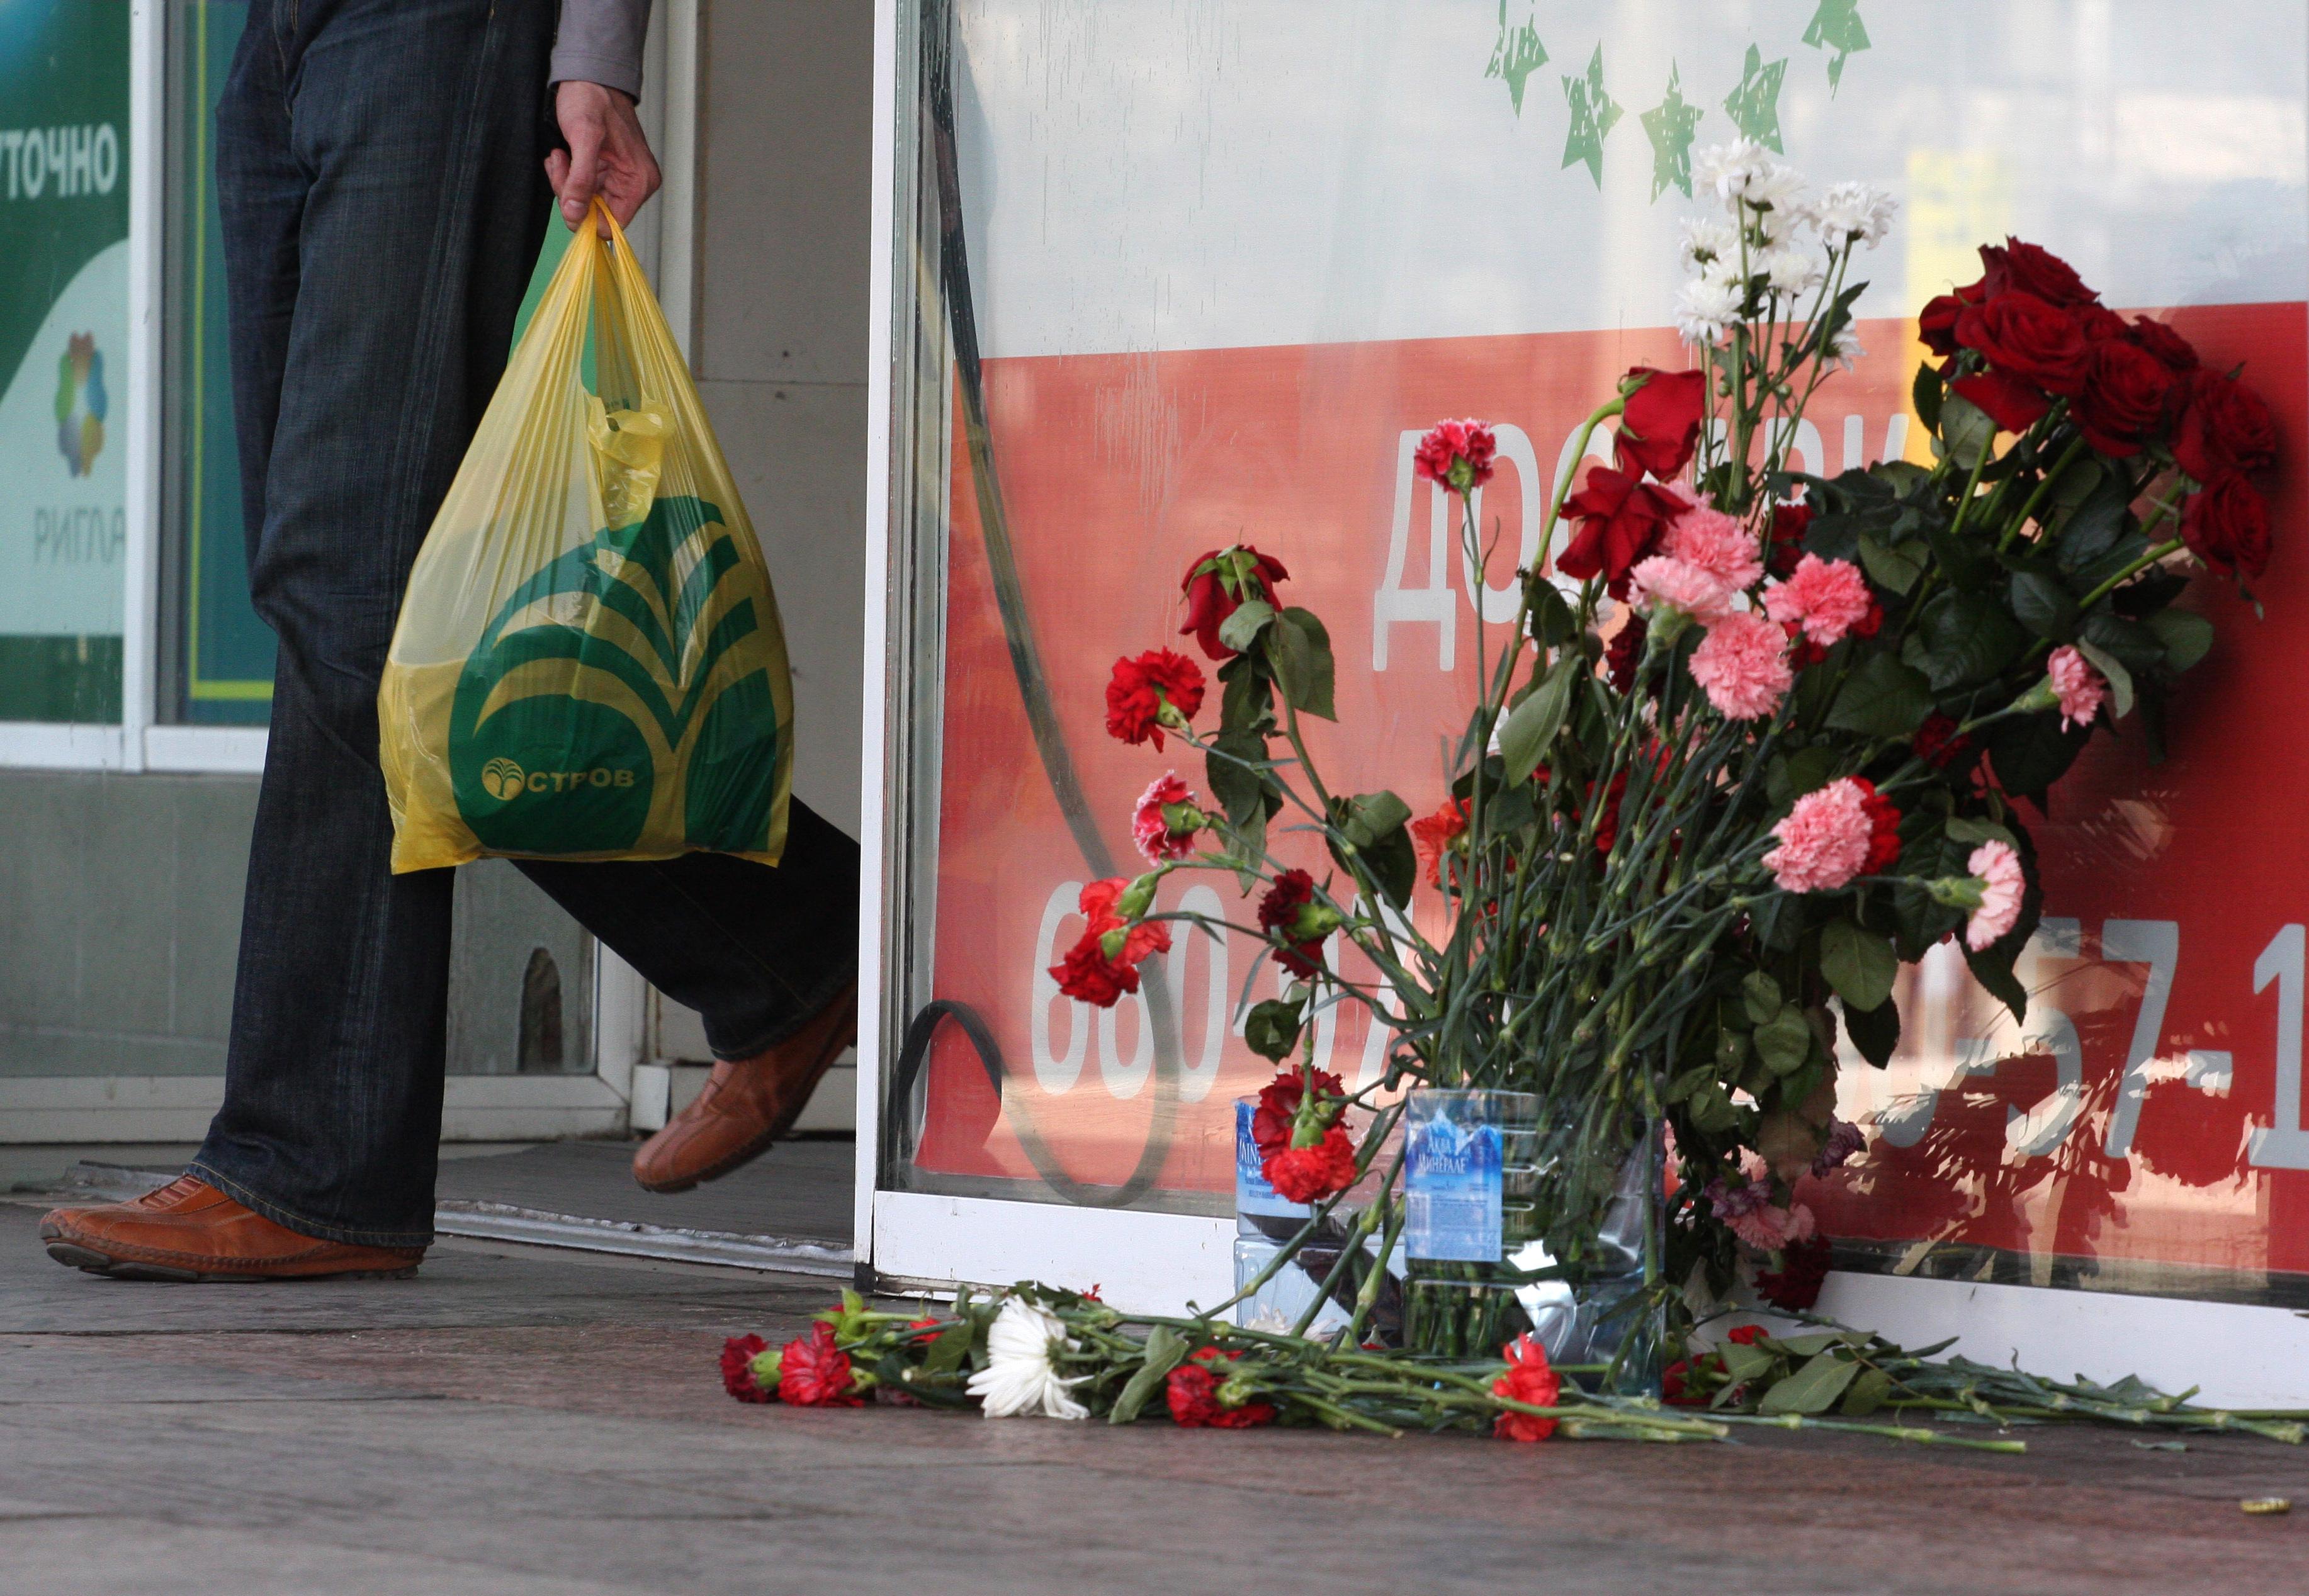 Цветы у супермаркета Остров на Шипиловской улице в Москве где начальник ОВД Царицыно убил троих и ранил шестерых человек